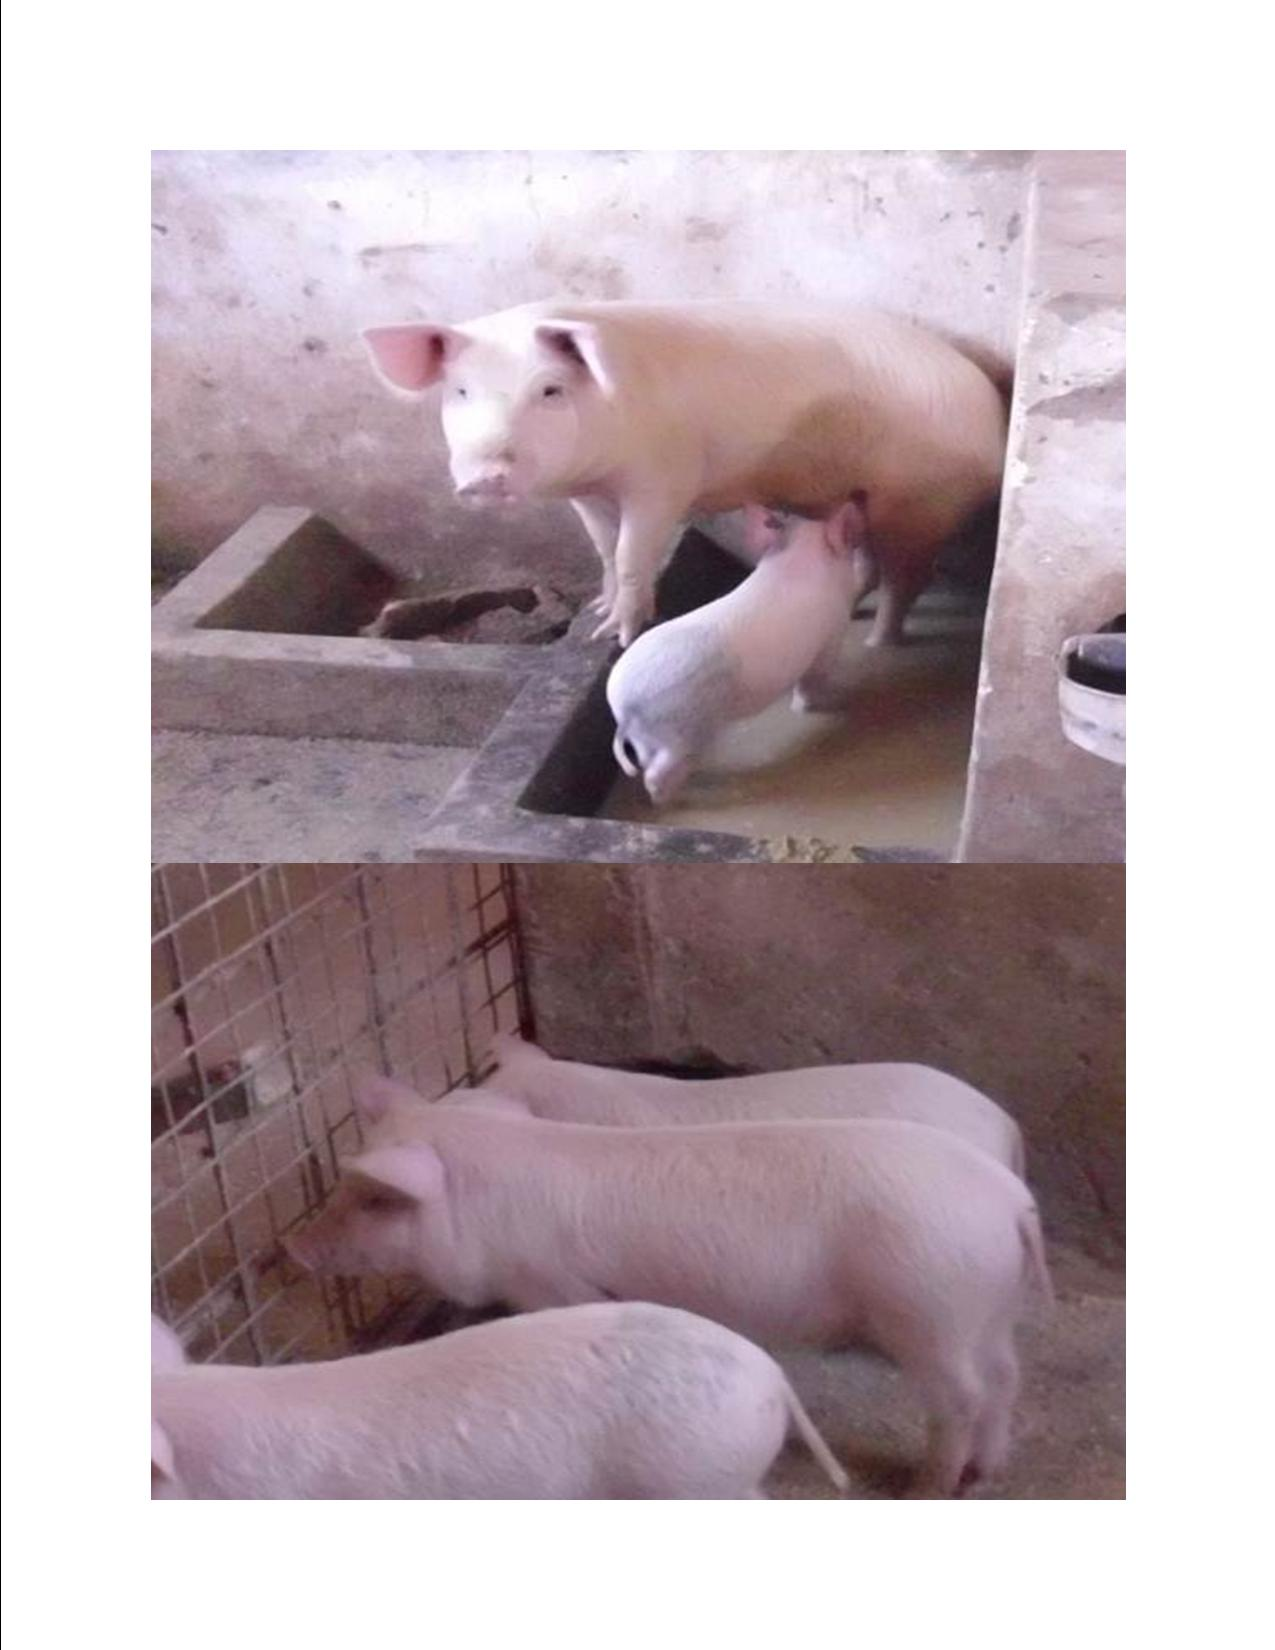 Piggery Farming